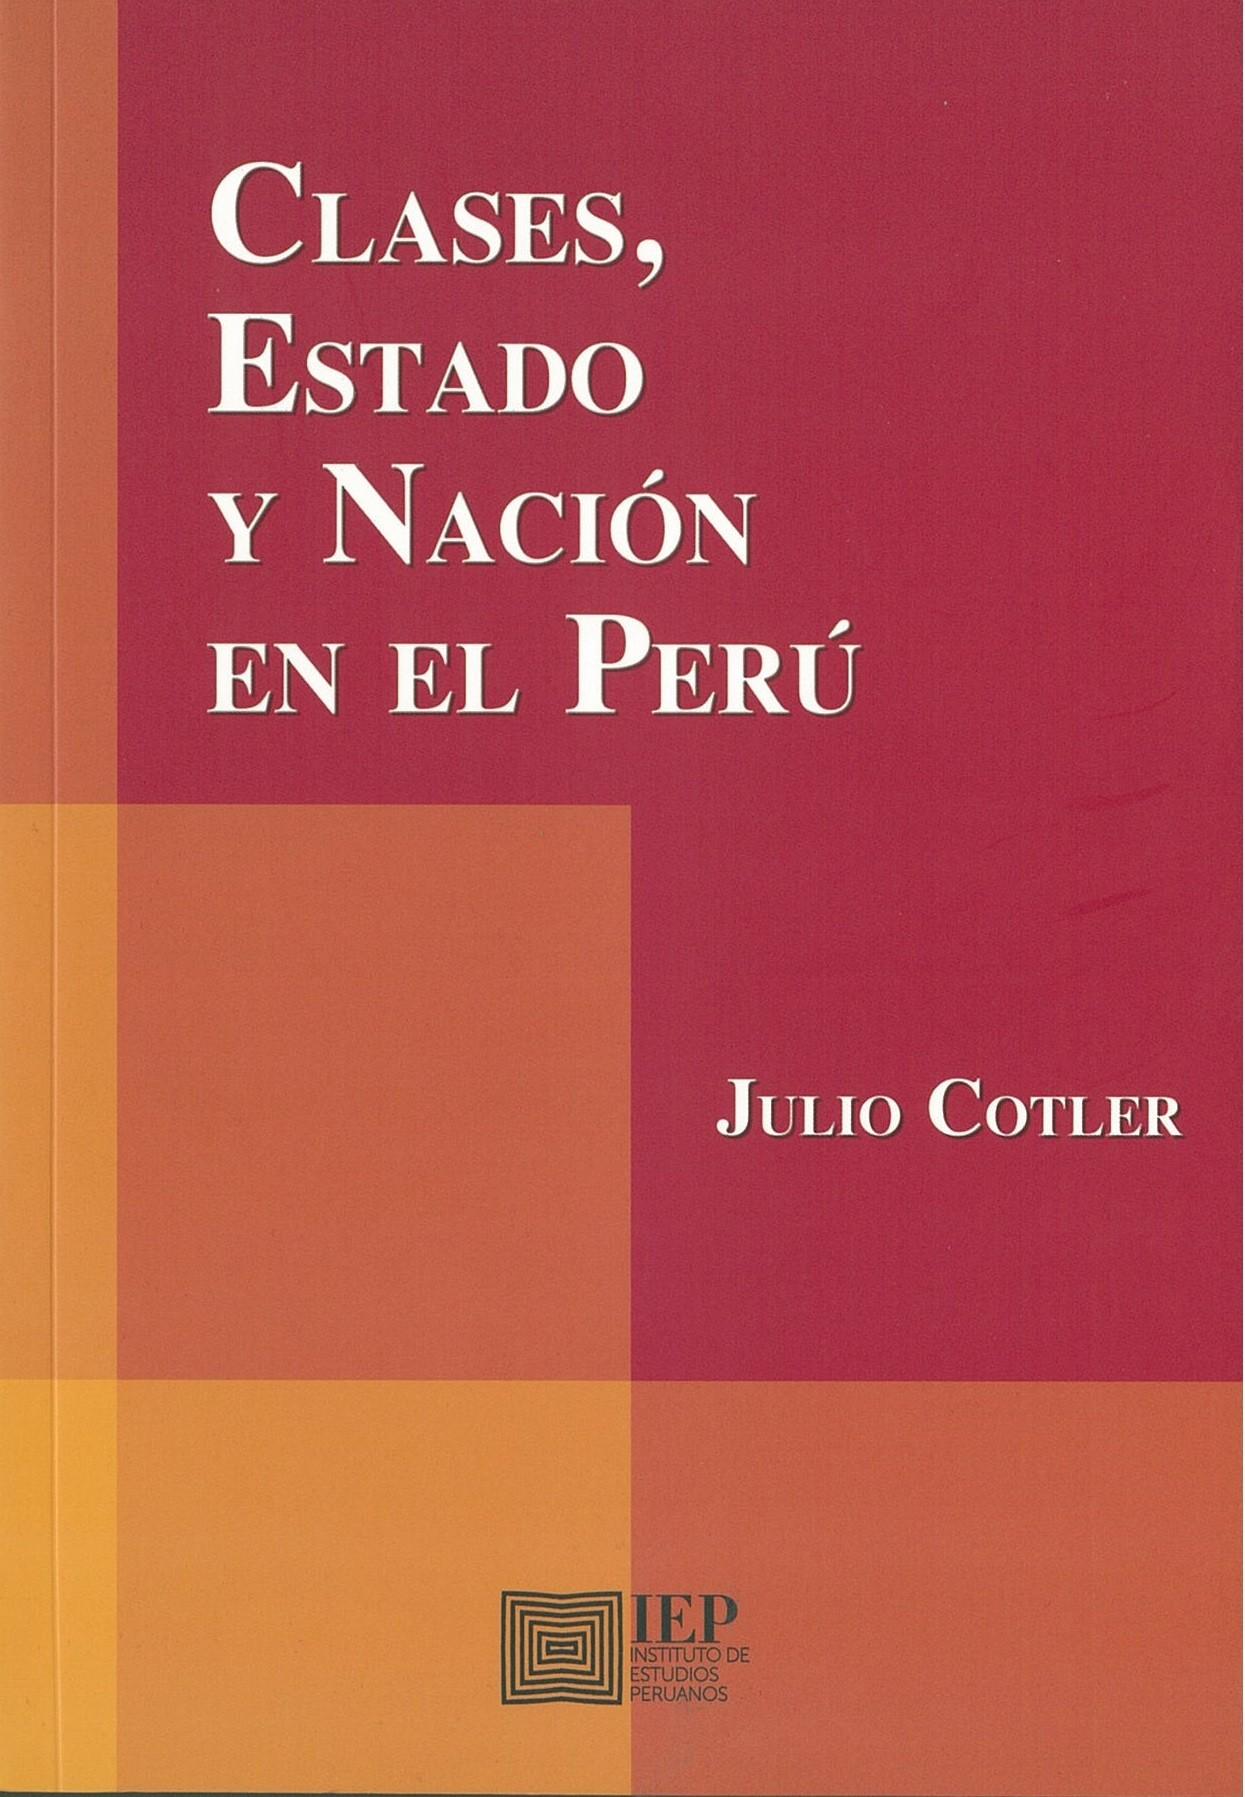 Clases, Estado y Nación en el Perú